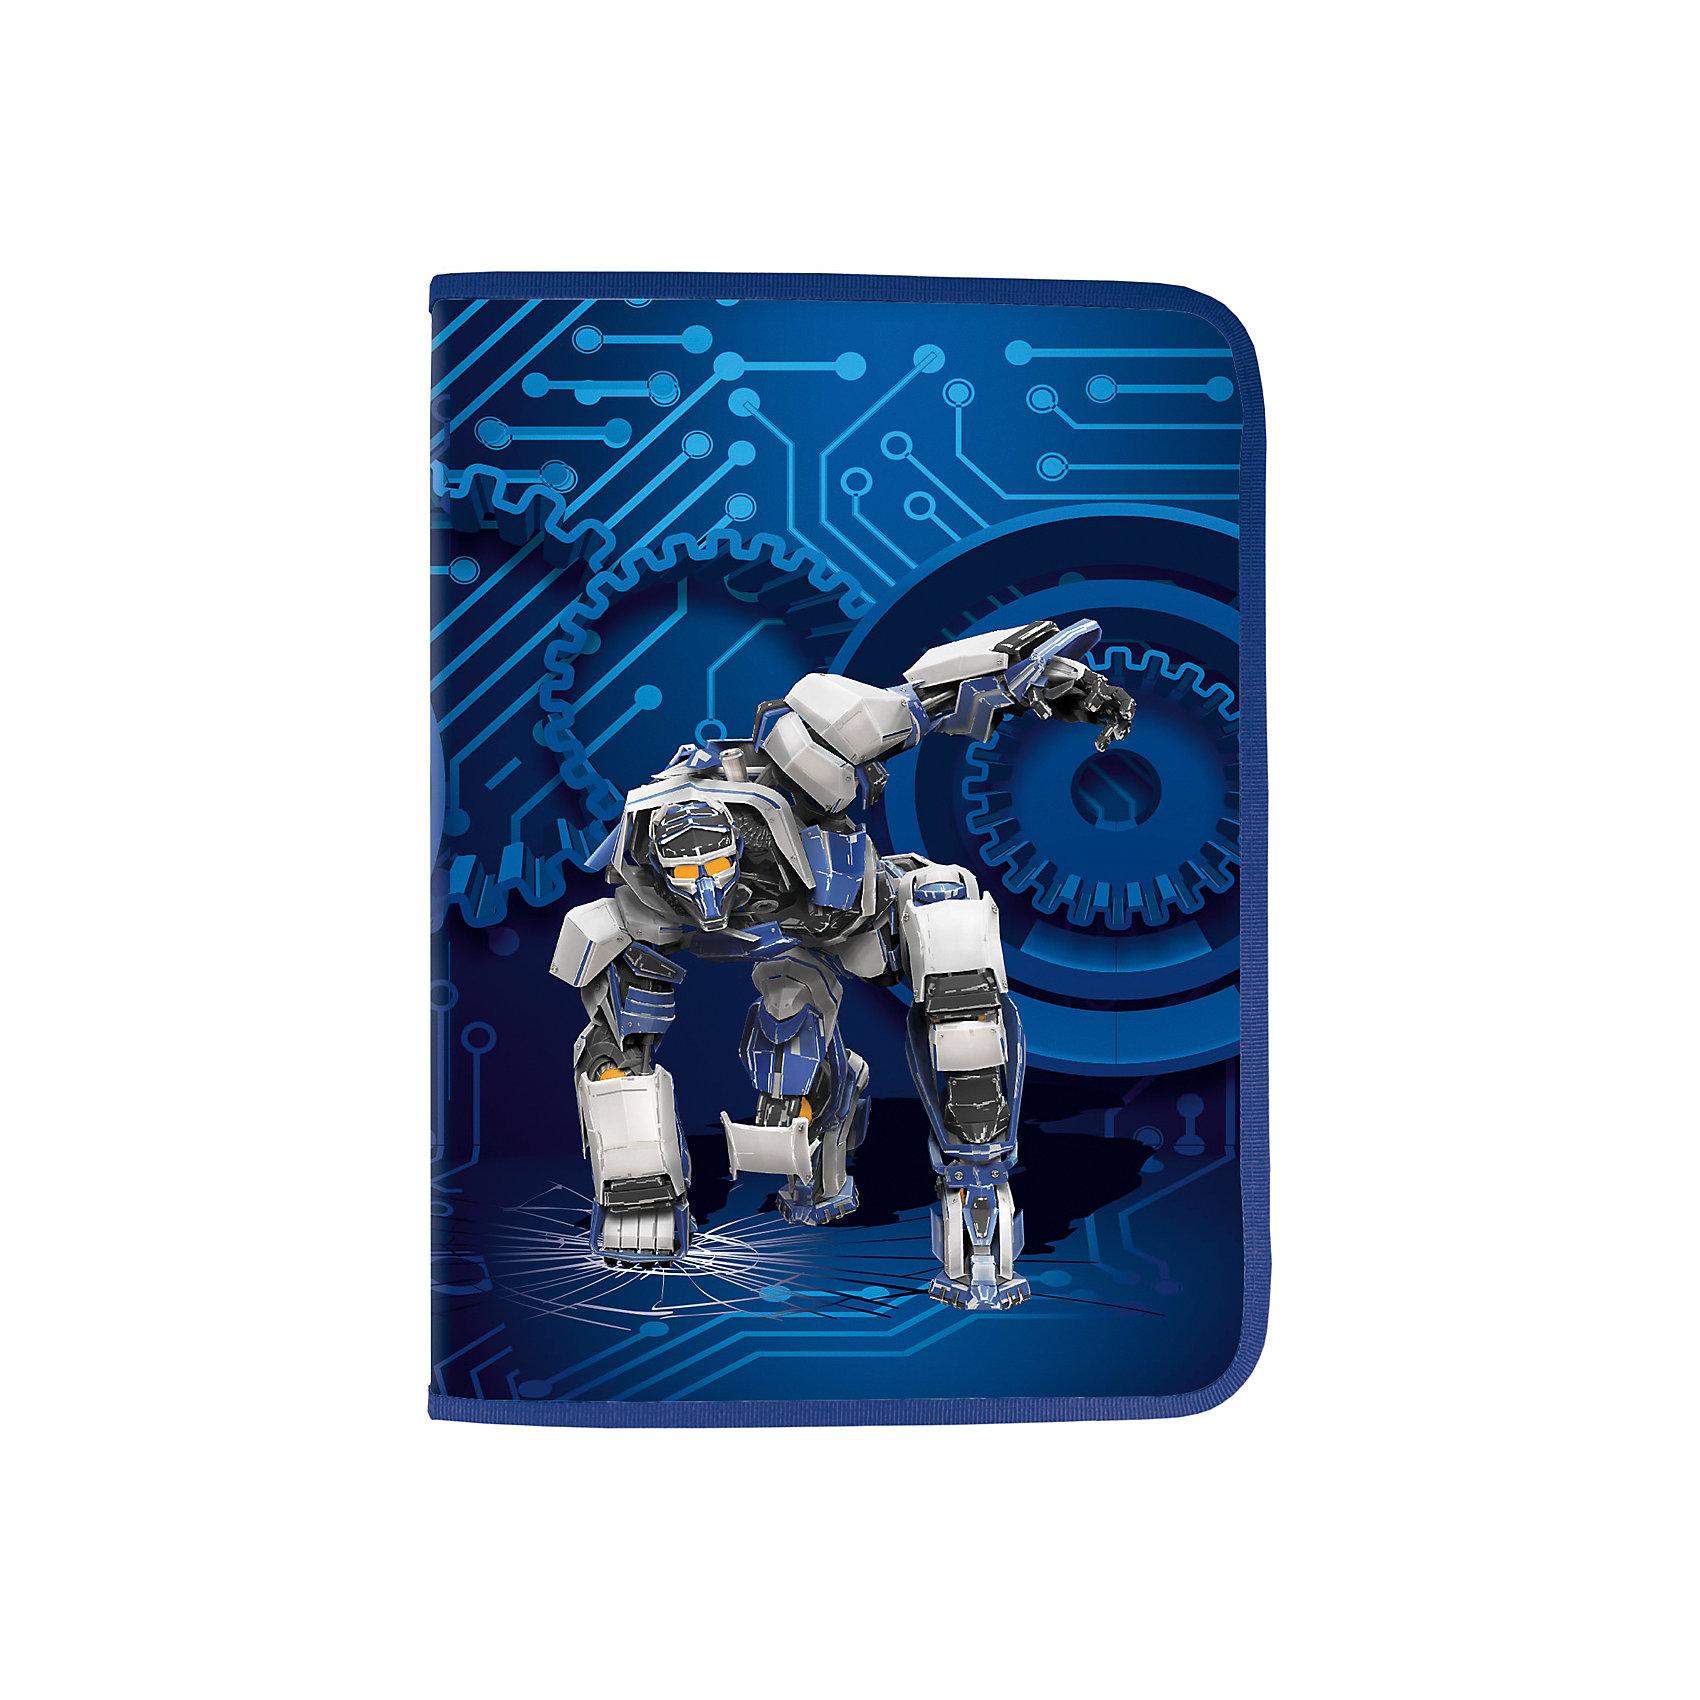 Папка для труда Робот, А4Папки для труда<br>Папка для труда Робот предназначена для мальчиков. Она выполнена в черном и темно-синем цвете, а дополняет её изображение робота, которое сразу  привлечет внимание маленьких техников.<br><br>Дополнительная информация: <br><br>- Формат А4 (330х230 мм).<br>- 1 отделение.<br>- Материал-полипропилен.<br>- Вкладыш для принадлежностей.<br>- Застежка - молния с трех сторон.<br>- Размер упаковки: 23,5х33х1,2 см.<br>- Вес в упаковке: 199 г. <br><br>Папку для труда Робот можно купить в нашем магазине.<br><br>Ширина мм: 235<br>Глубина мм: 330<br>Высота мм: 12<br>Вес г: 199<br>Возраст от месяцев: 72<br>Возраст до месяцев: 2147483647<br>Пол: Унисекс<br>Возраст: Детский<br>SKU: 4792703